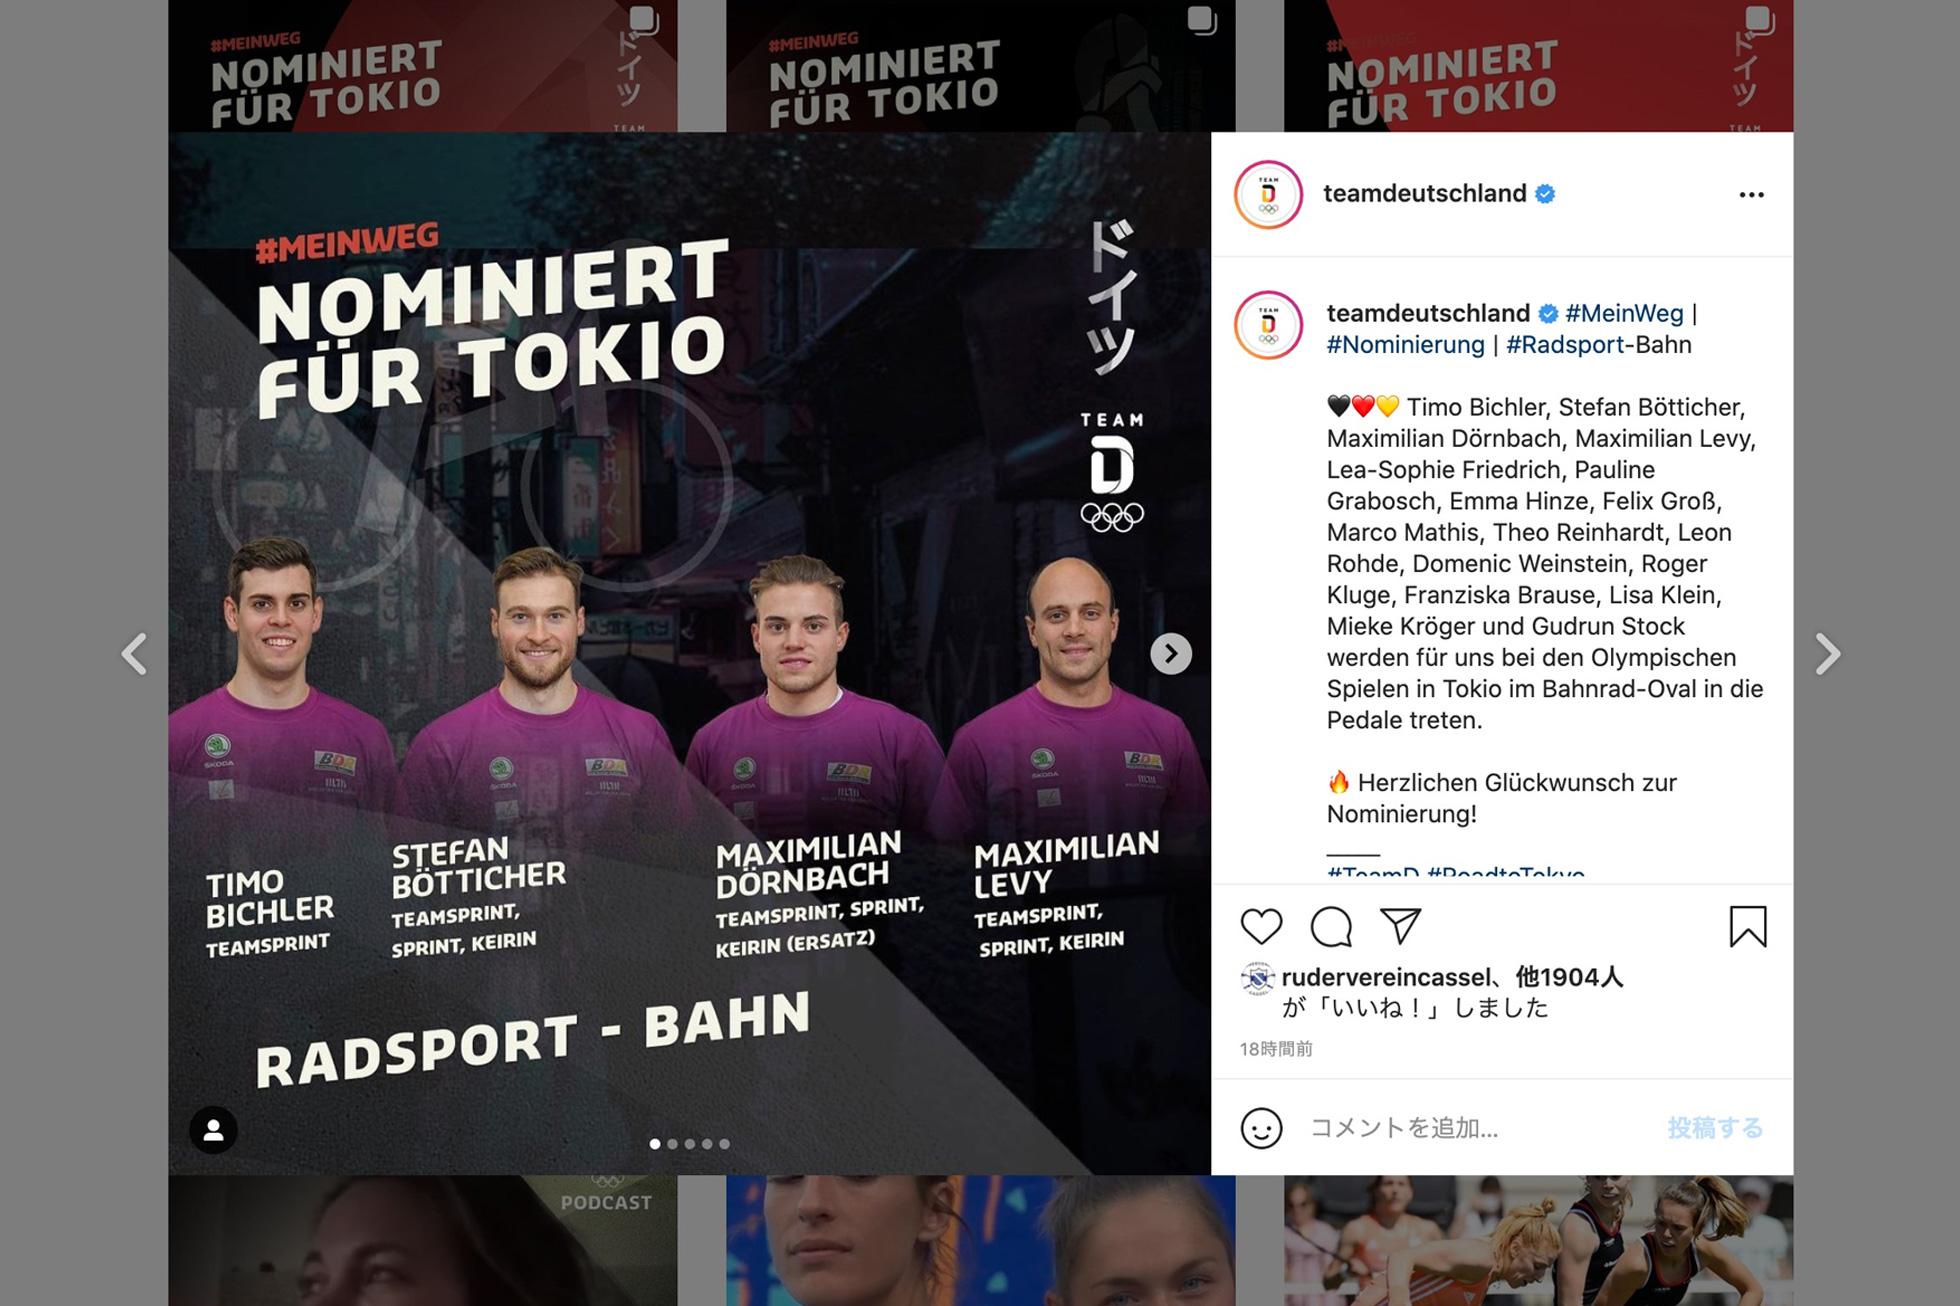 ボティシャー、世界選3冠ヒンツェらドイツ代表が内定/東京オリンピック自転車トラック競技